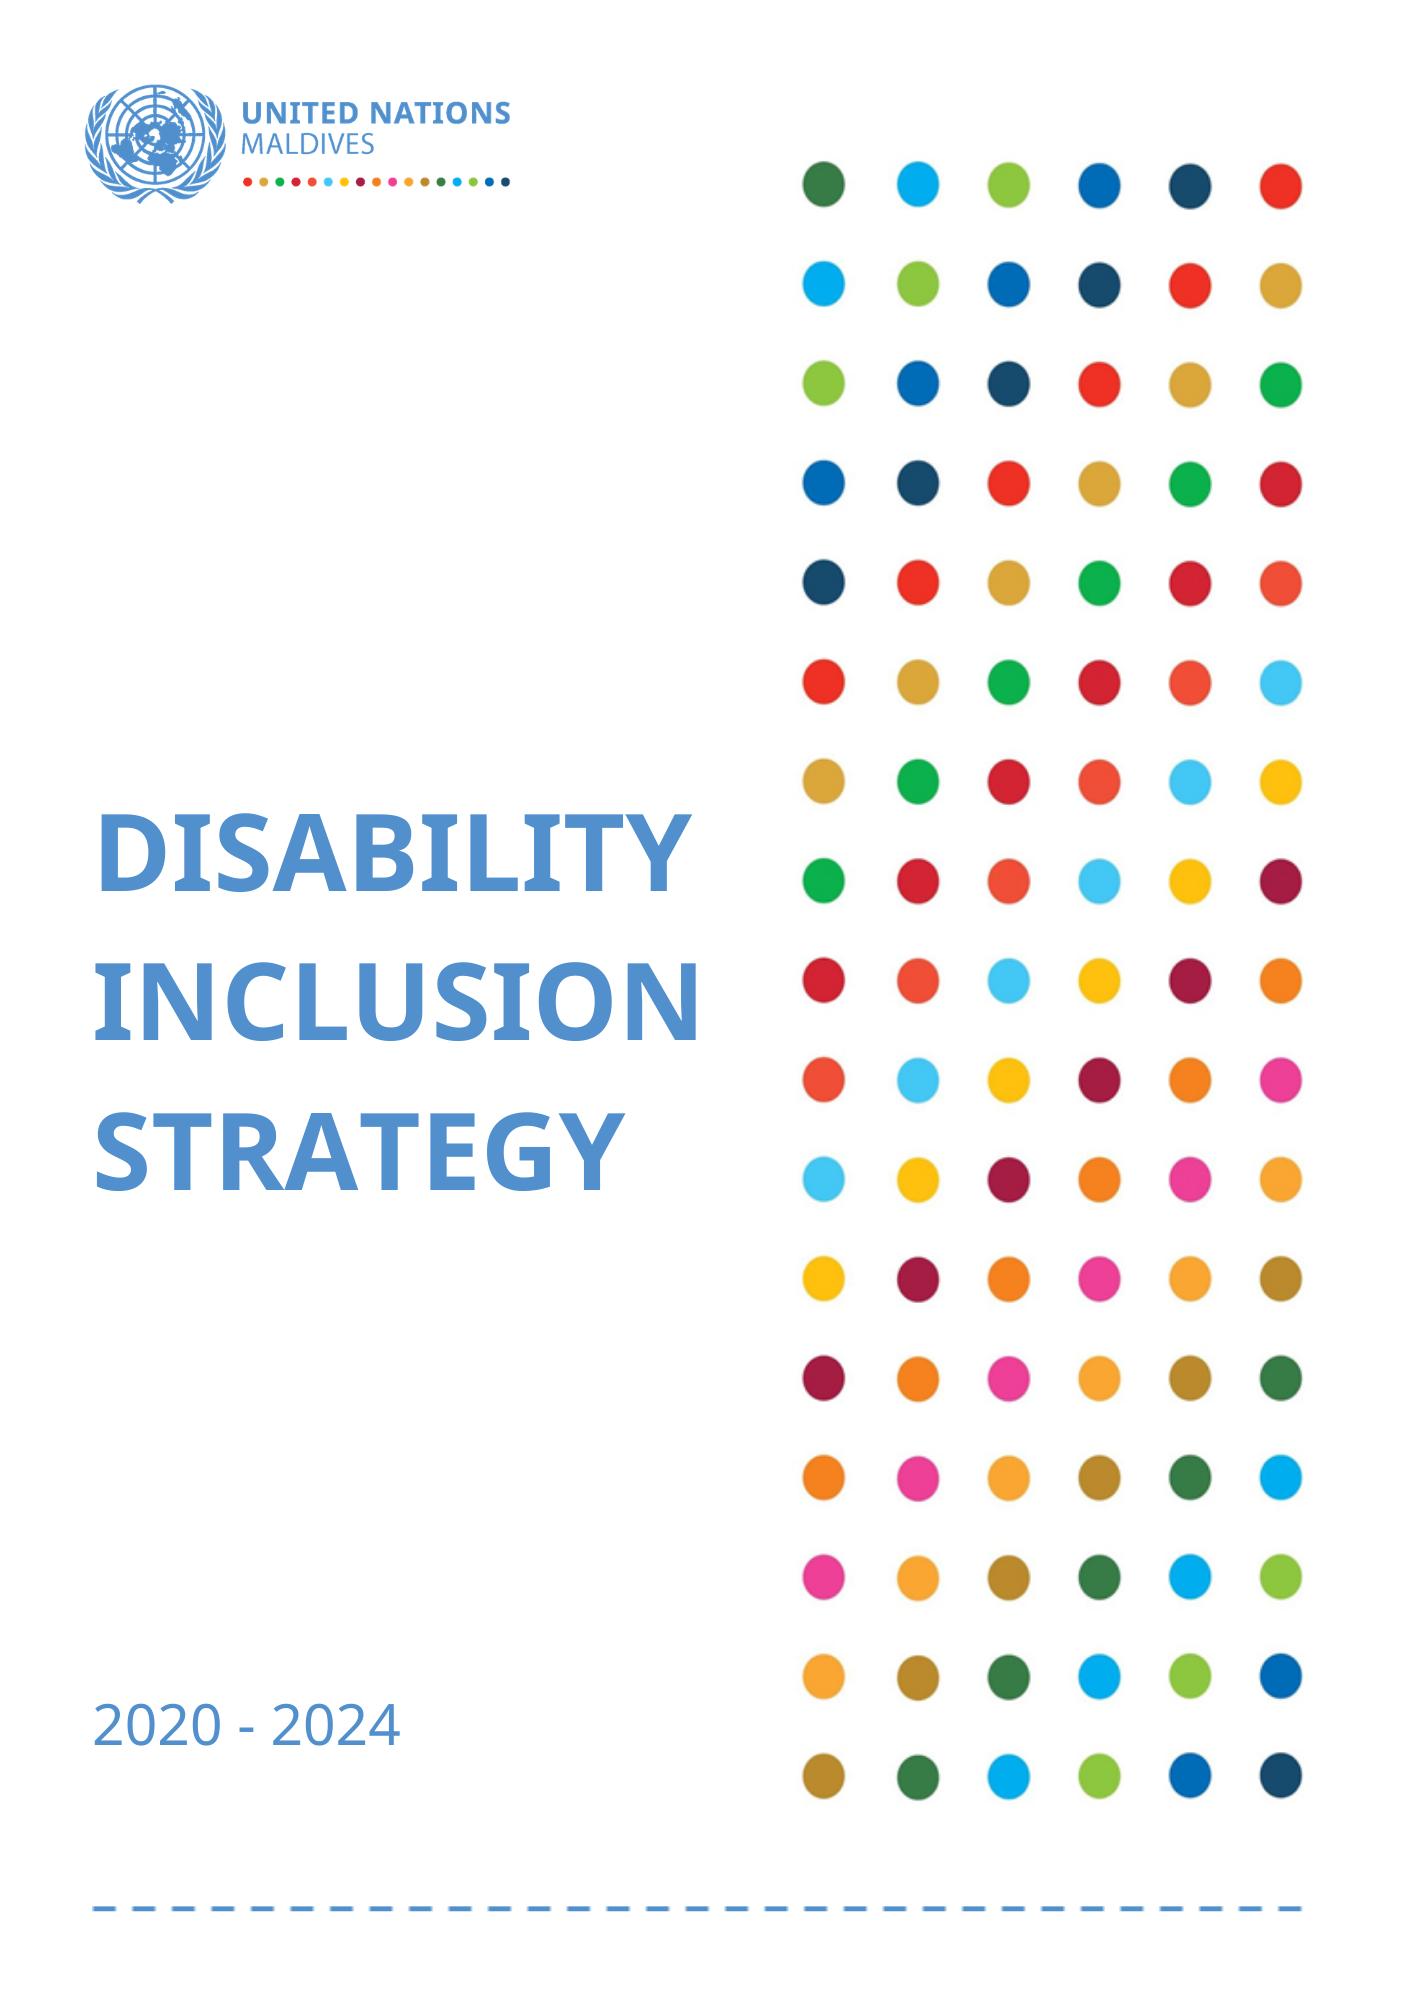 UN Maldives Disability Inclusion Strategy